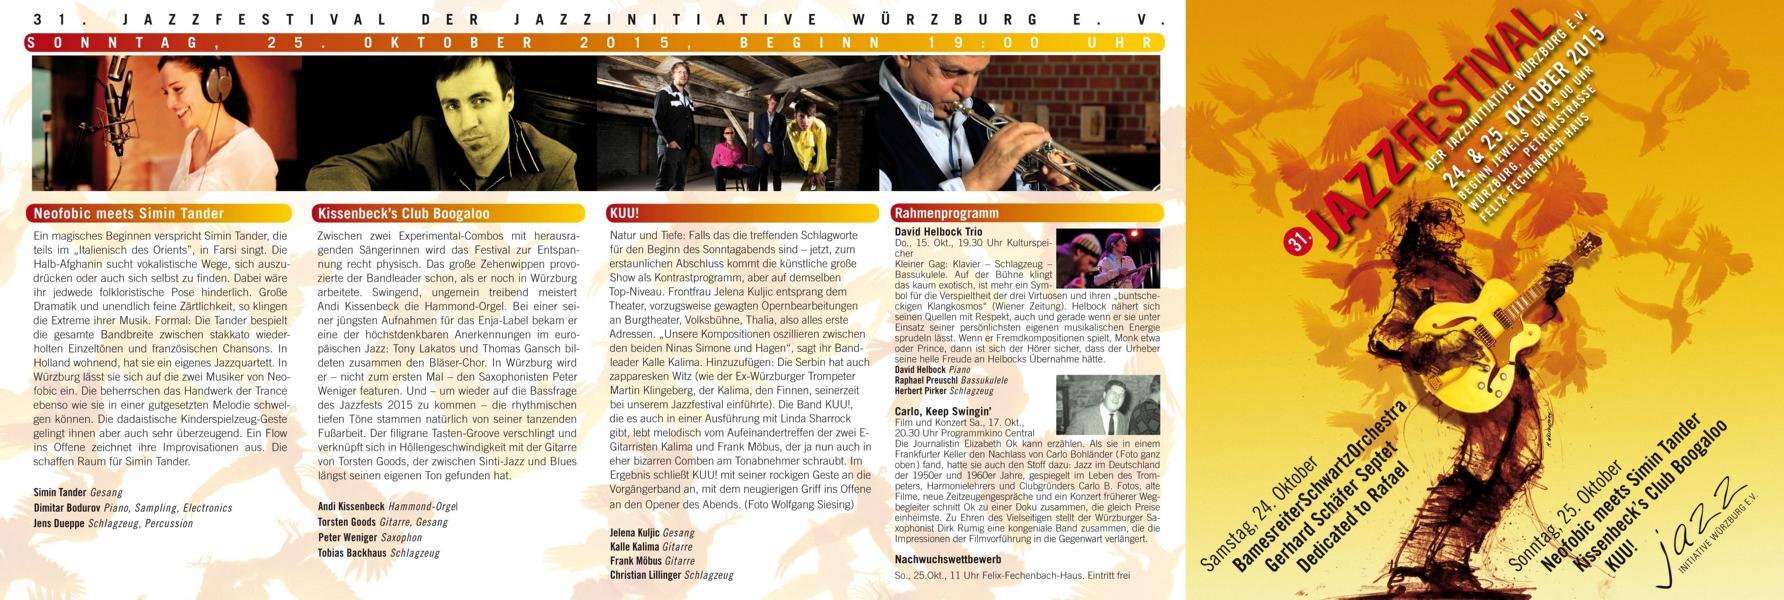 31. Jazzfestival Würzburg - Der Flyer - Programm am 24.10.2015